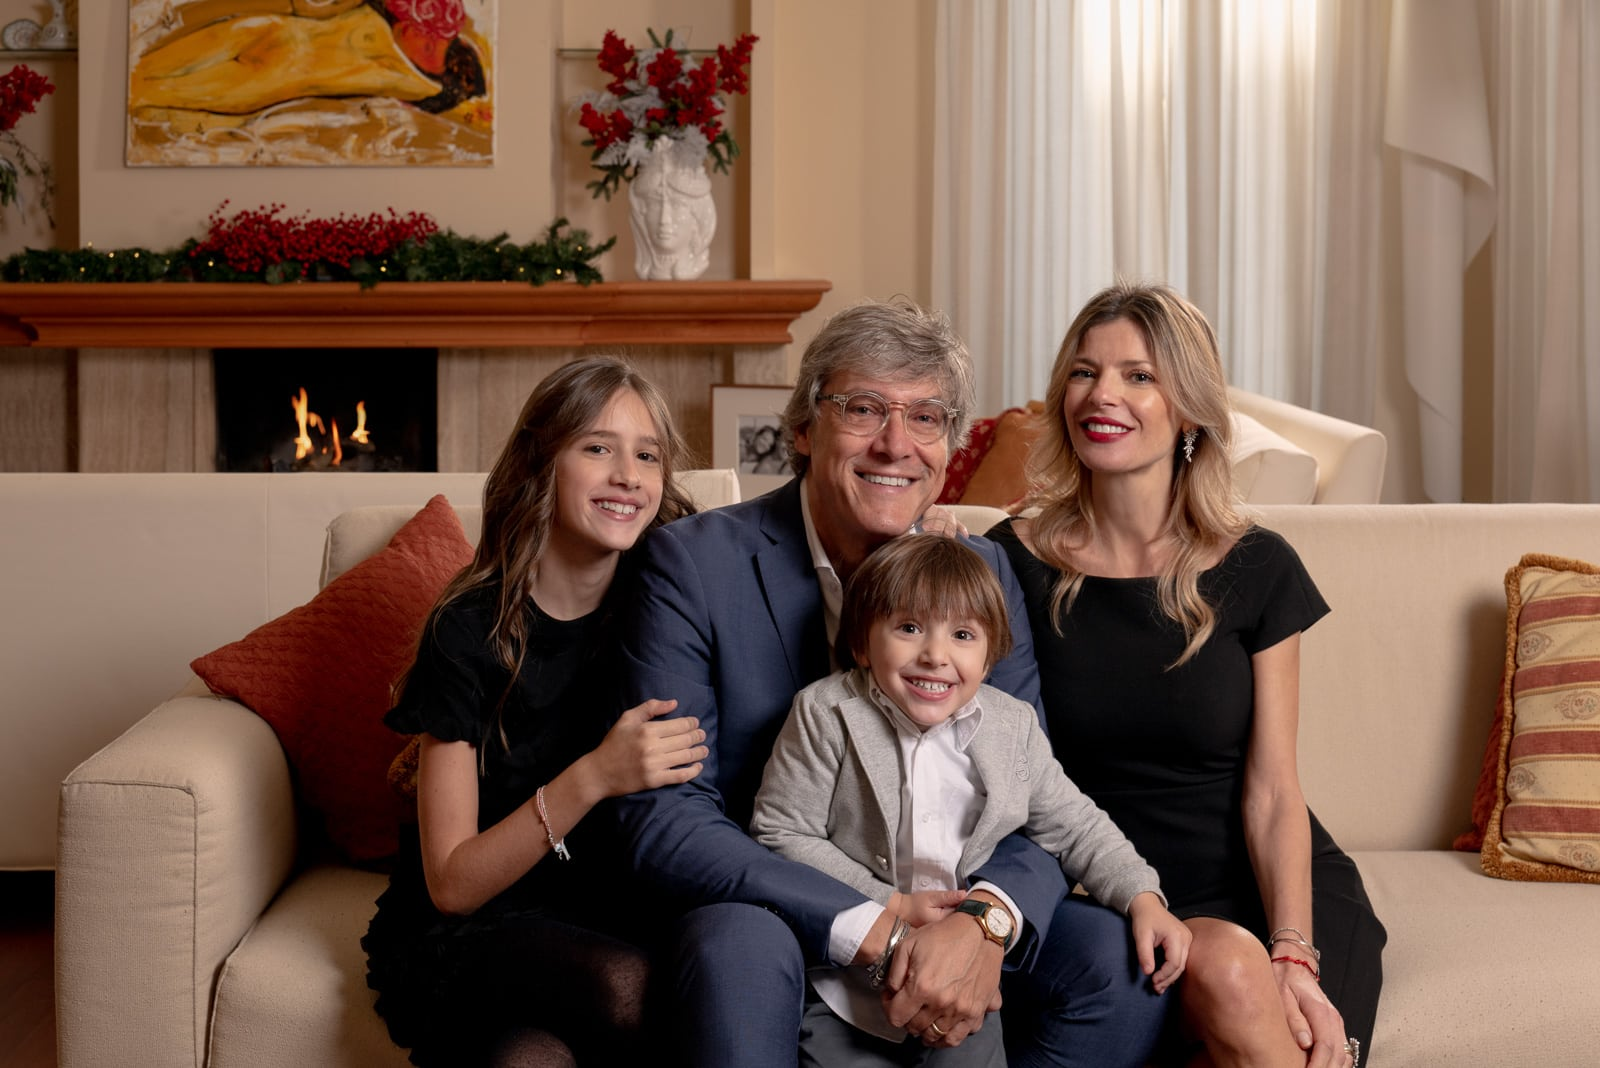 Ritratto di famiglia Reggio Calabria Mallamaci Maurizio Mauro Patrizia Sorrentino